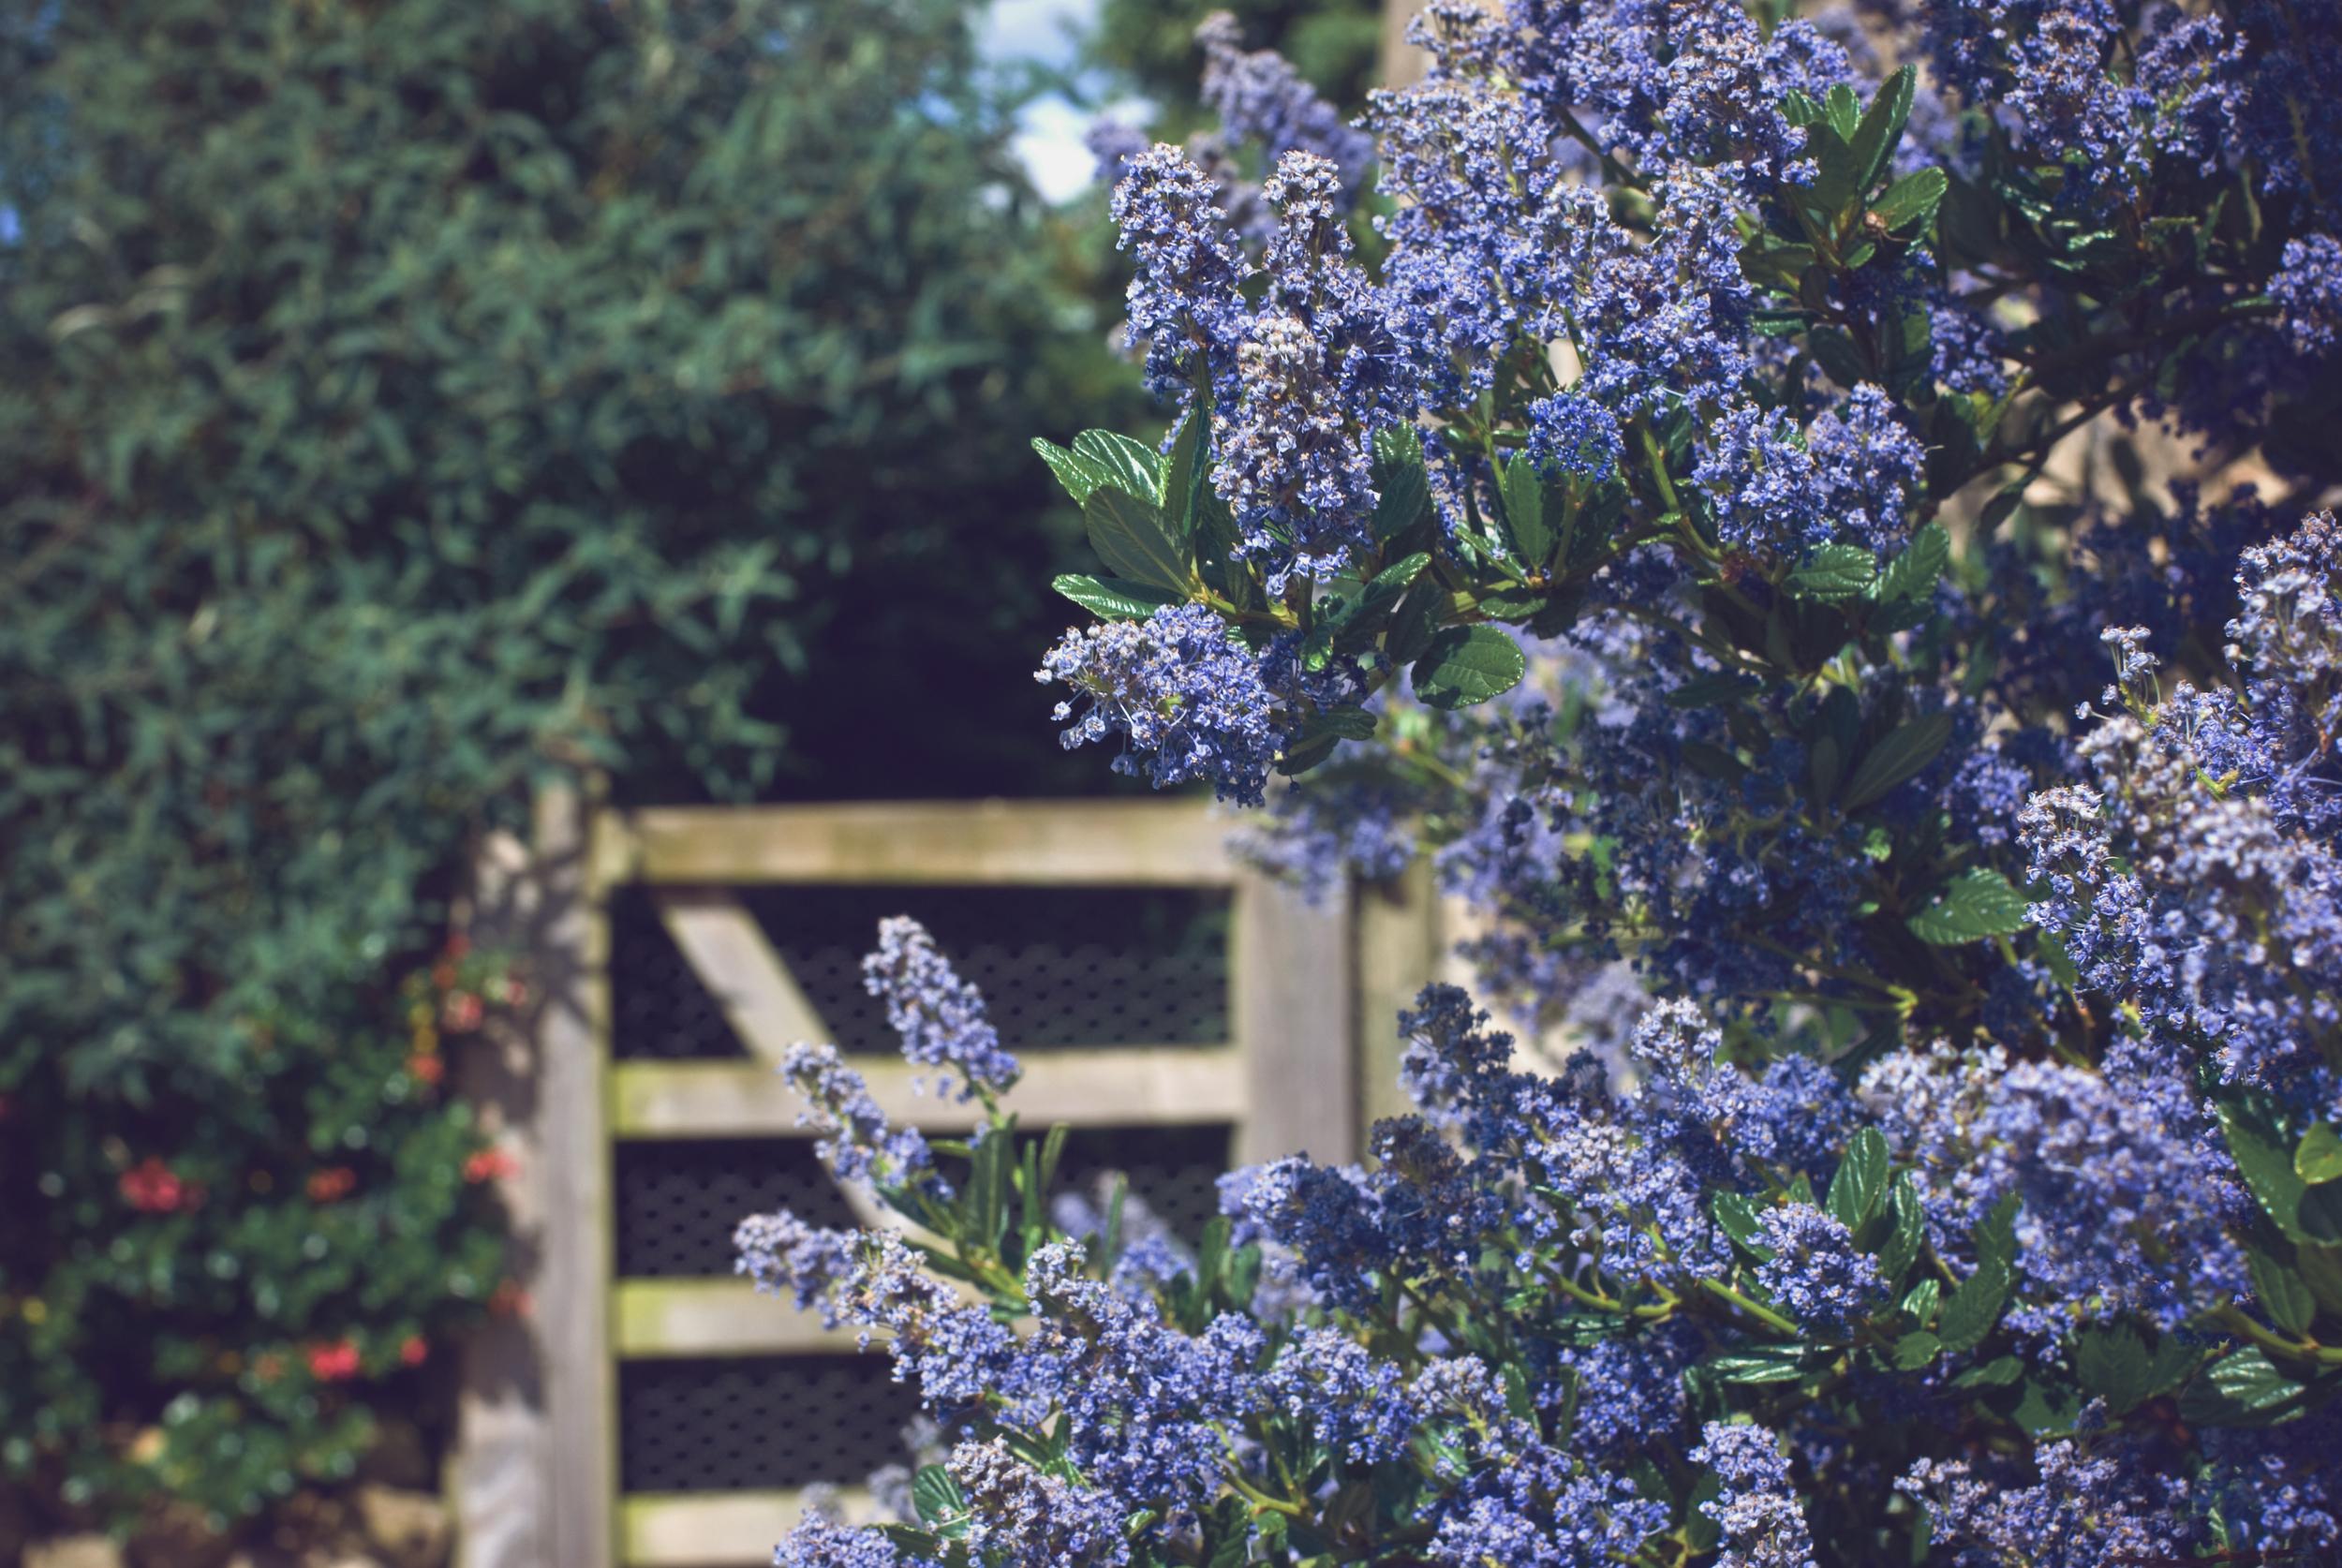 The Meadowbarn Garden